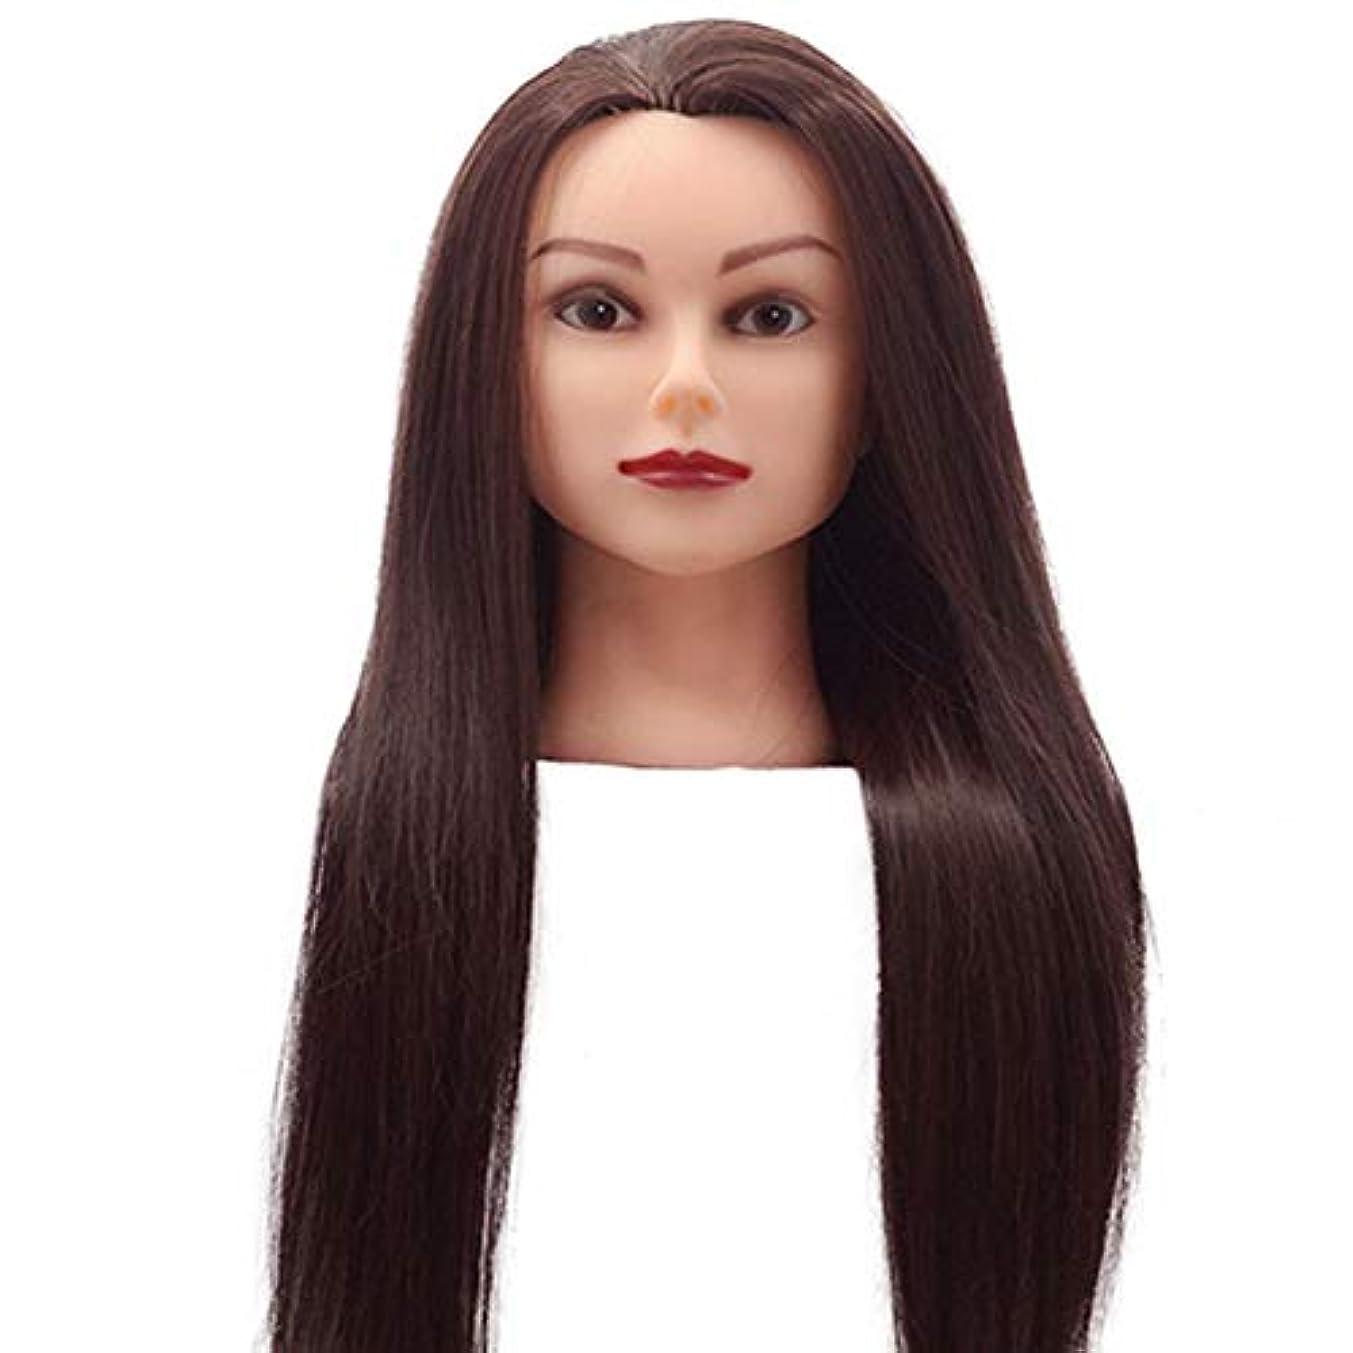 応じるどちらかリングバック理髪モデルヘッド花嫁の髪編組三つ編み学習ヘッドモデル理髪店美容散髪ダミーエクササイズヘッド